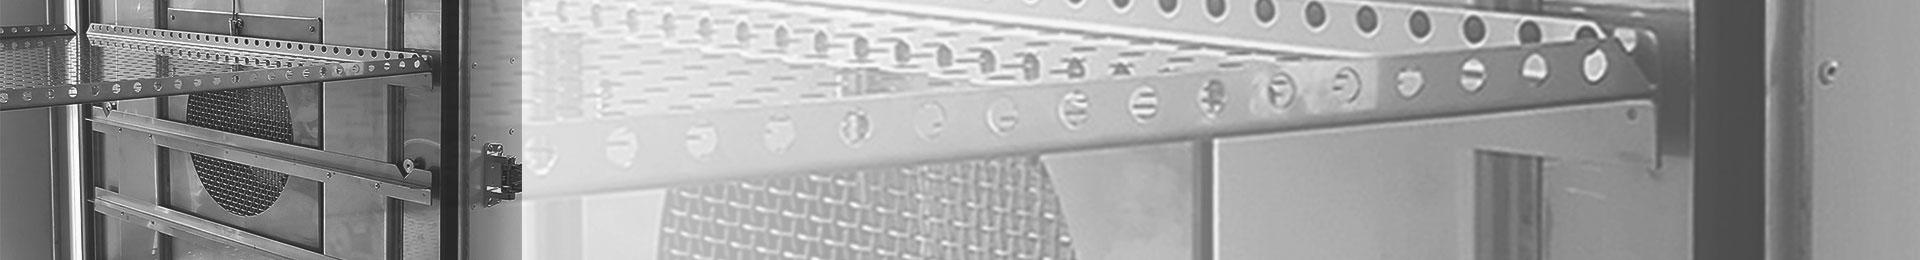 Datenerfassung, Fernüberwachung, Fernsteuerung_Headerbild